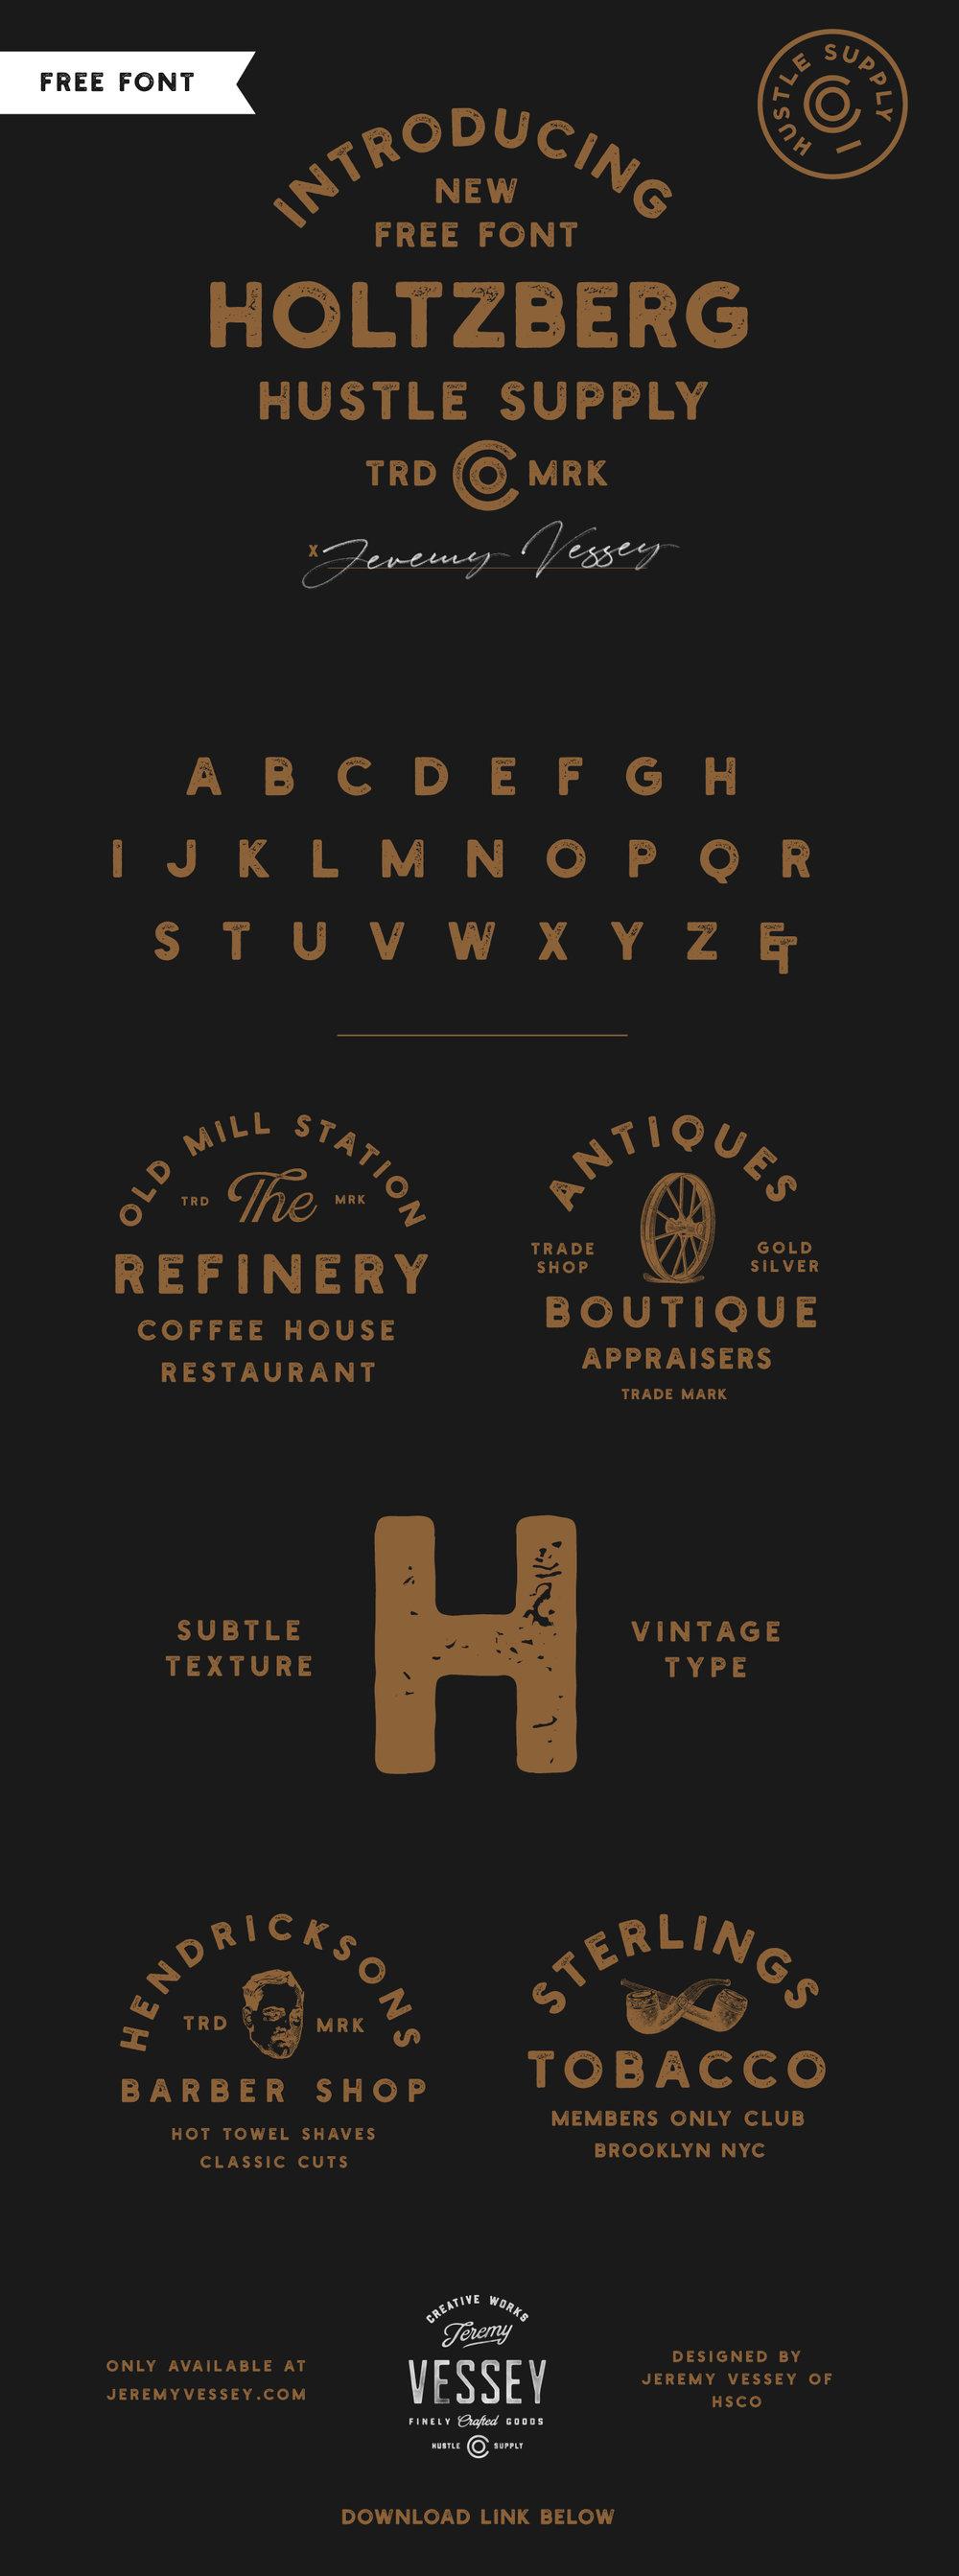 Holtzberg-Free-Font-Vintage-Textured.jpg